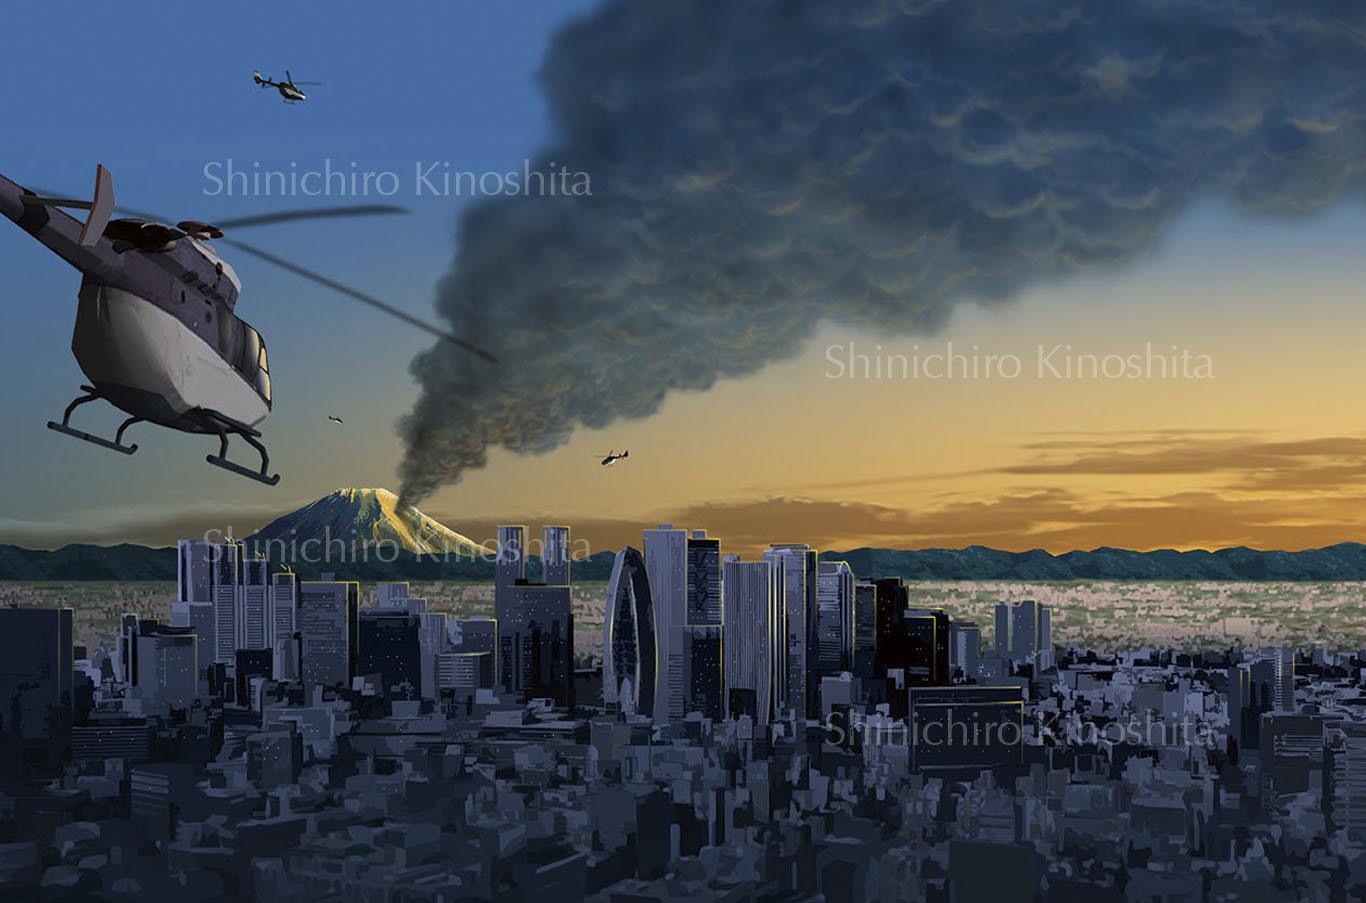 火山の噴火シミュレーション−なるほど知図帳「日本の自然災害、機器の対策」昭文社